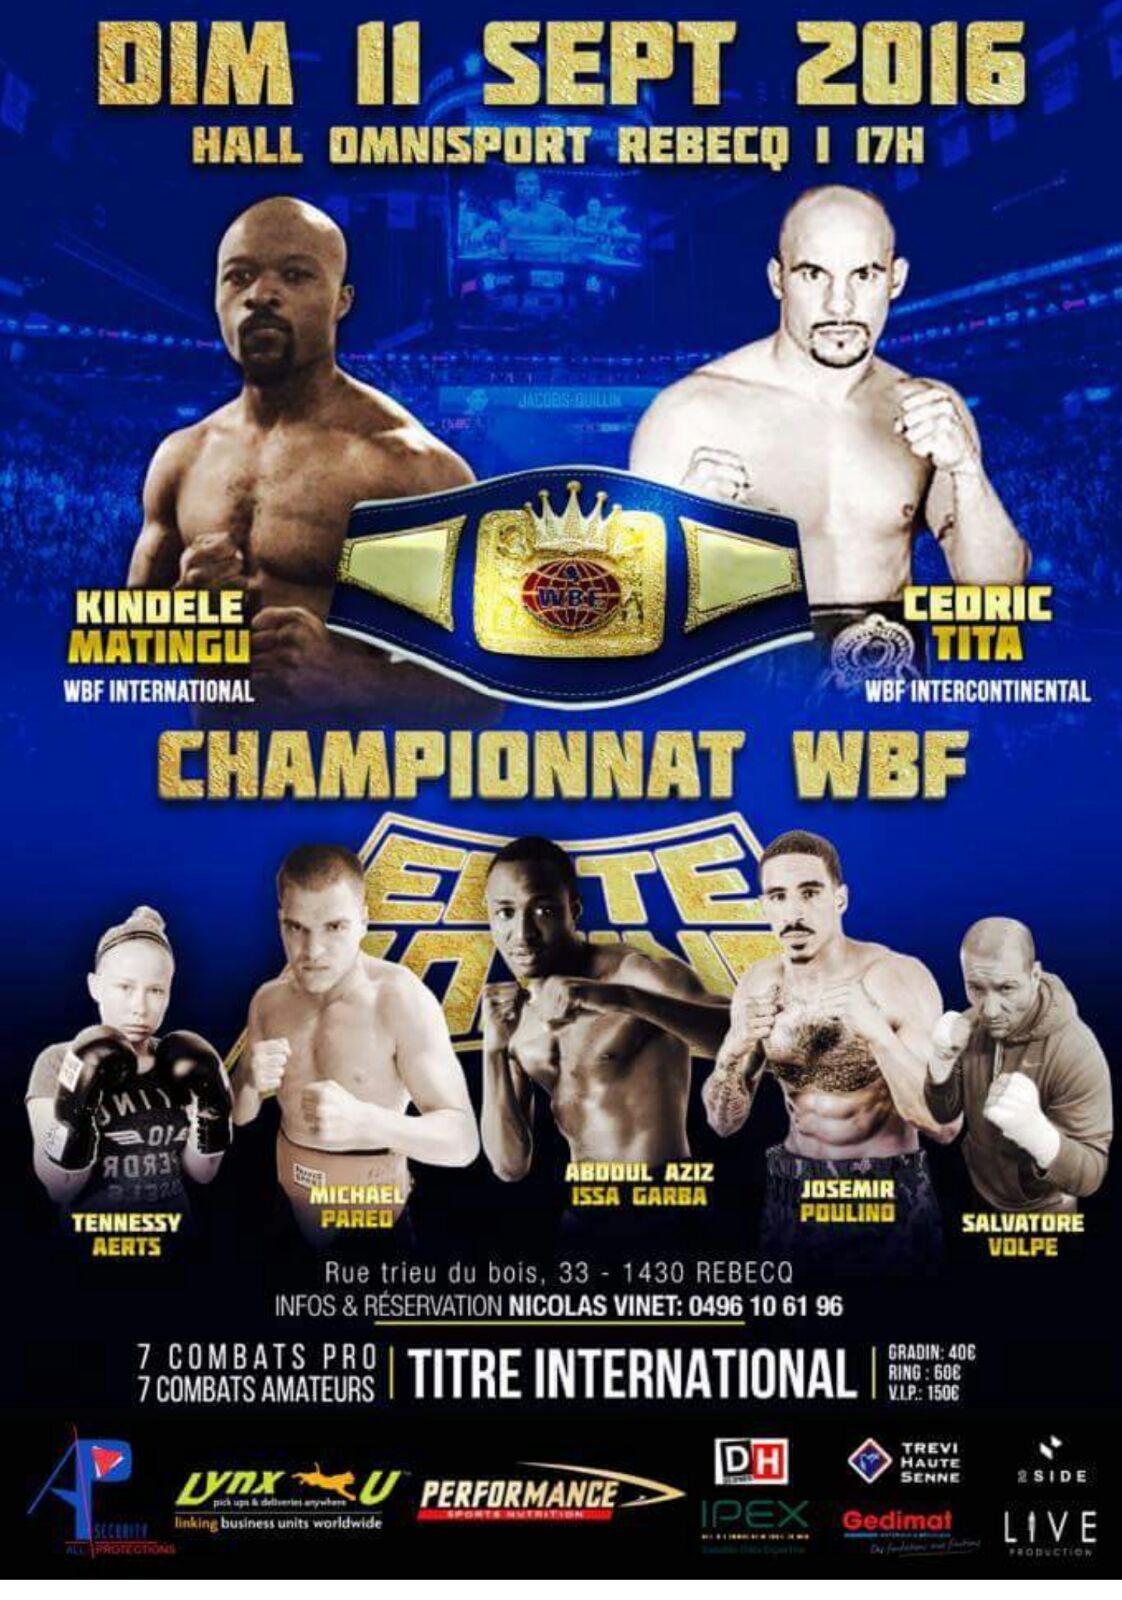 Josemir Poulino zal 11 september 2016 uitkomen als undercard   tijdens het boksgala in Rebecq, waar gestreden wordt om de WBF-titel